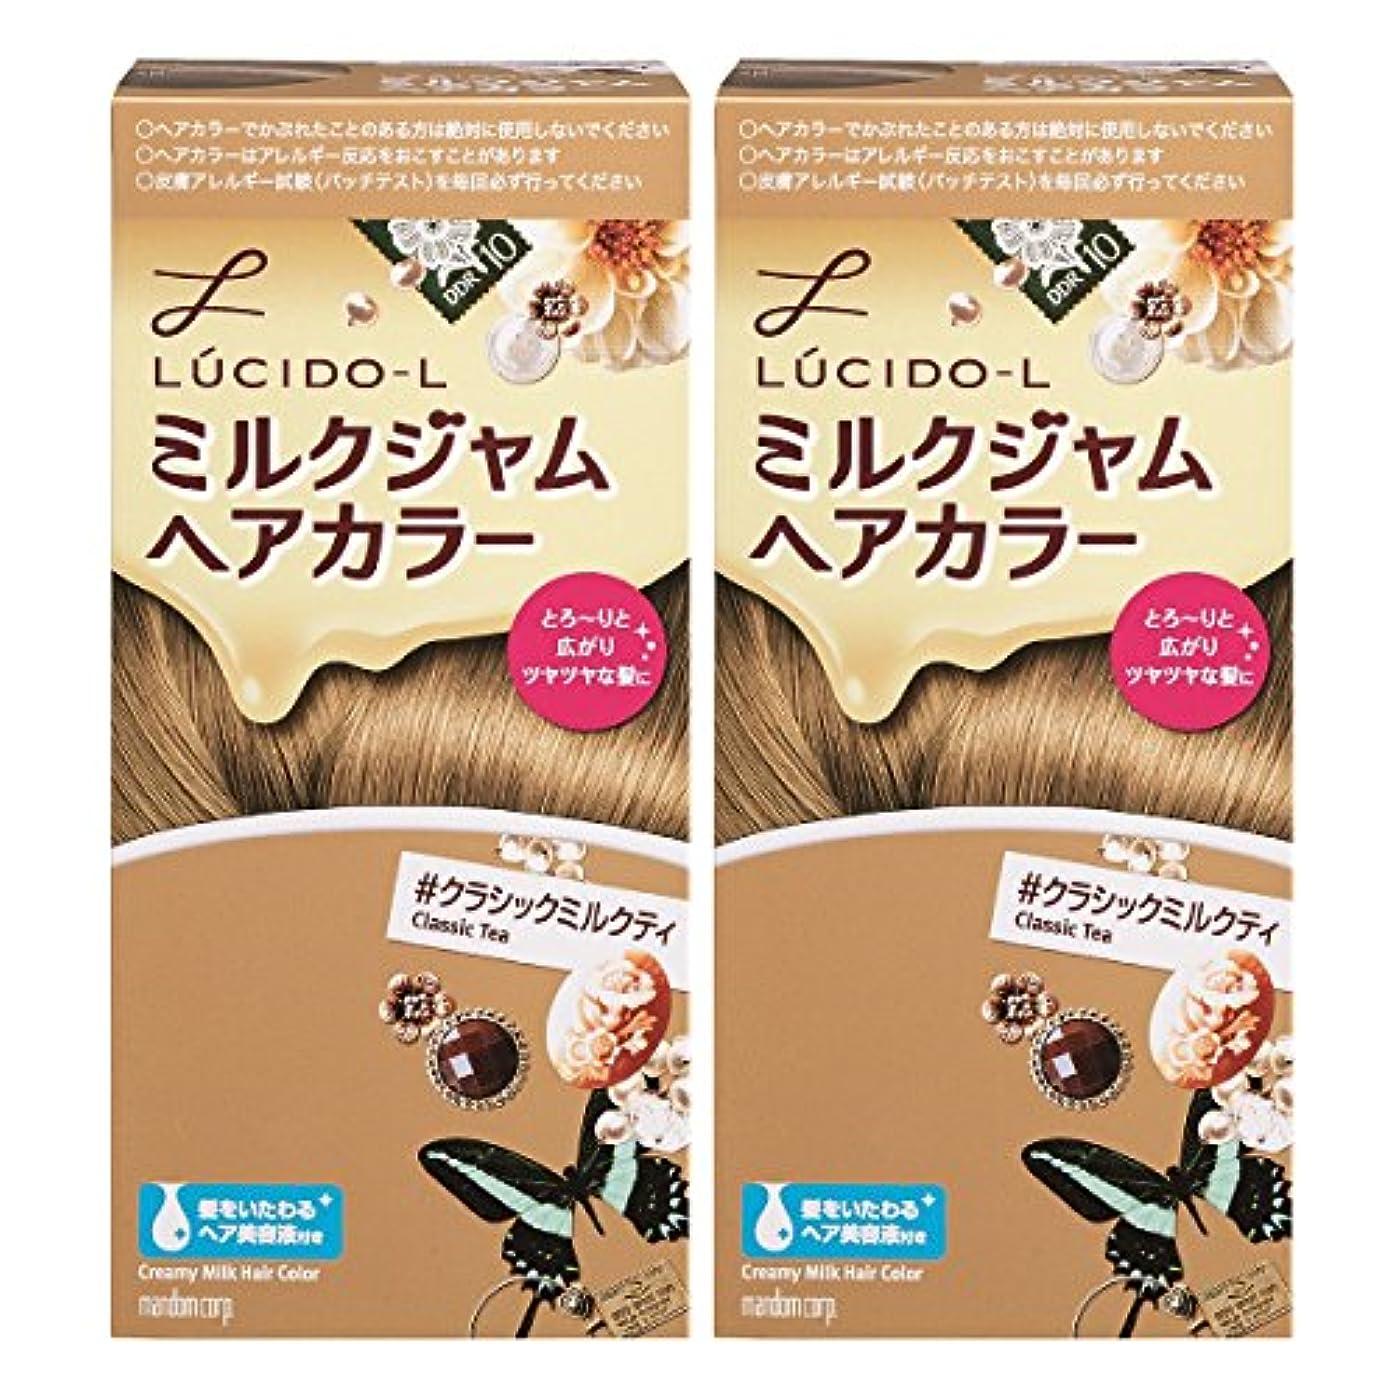 ジョグ禁じる上がる【まとめ買い】LUCIDO-L (ルシードエル) ミルクジャムヘアカラー #クラシックミルクティ×2個パック(医薬部外品)